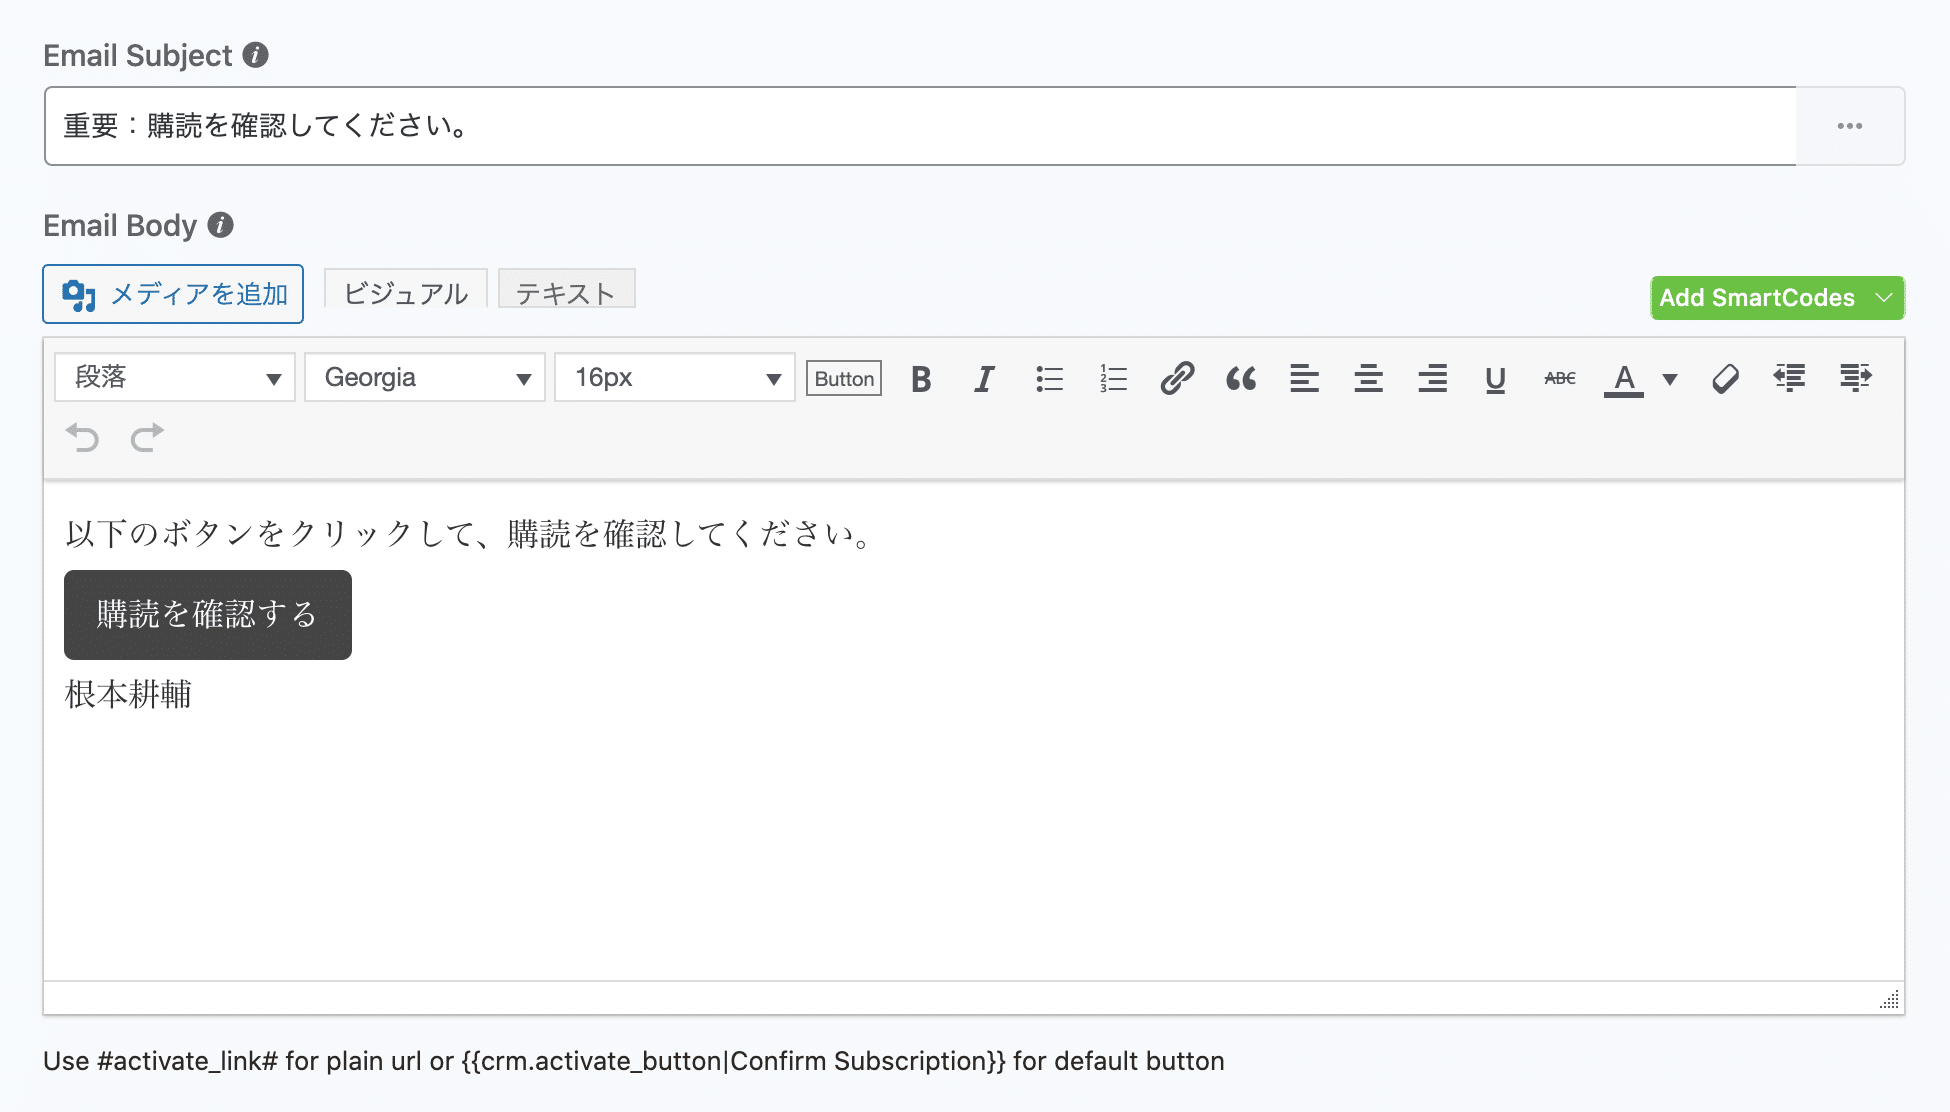 FluentCRMのメールフッターの設定